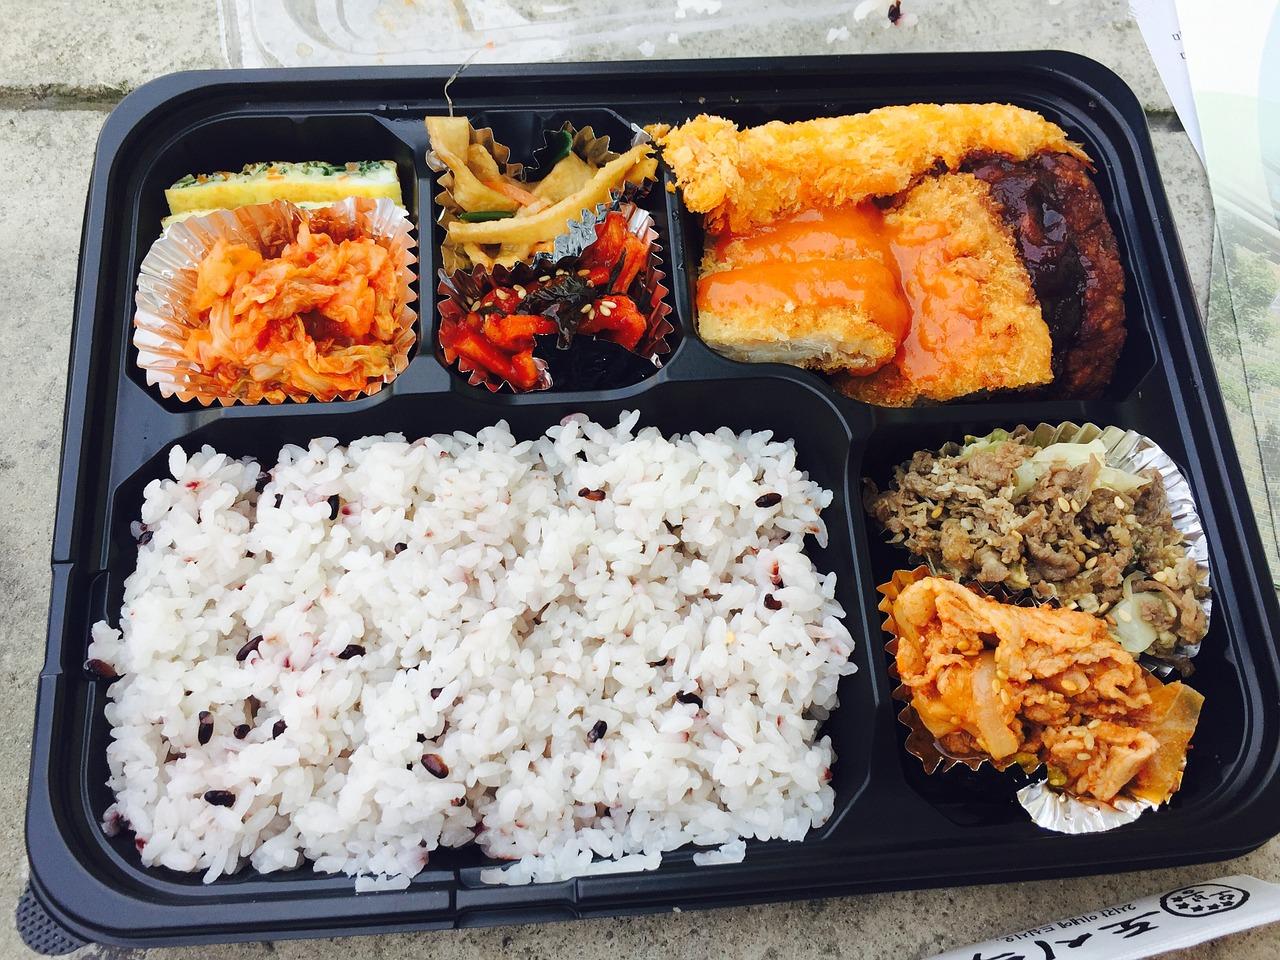 Lunchboxy wkraczają do korporacji